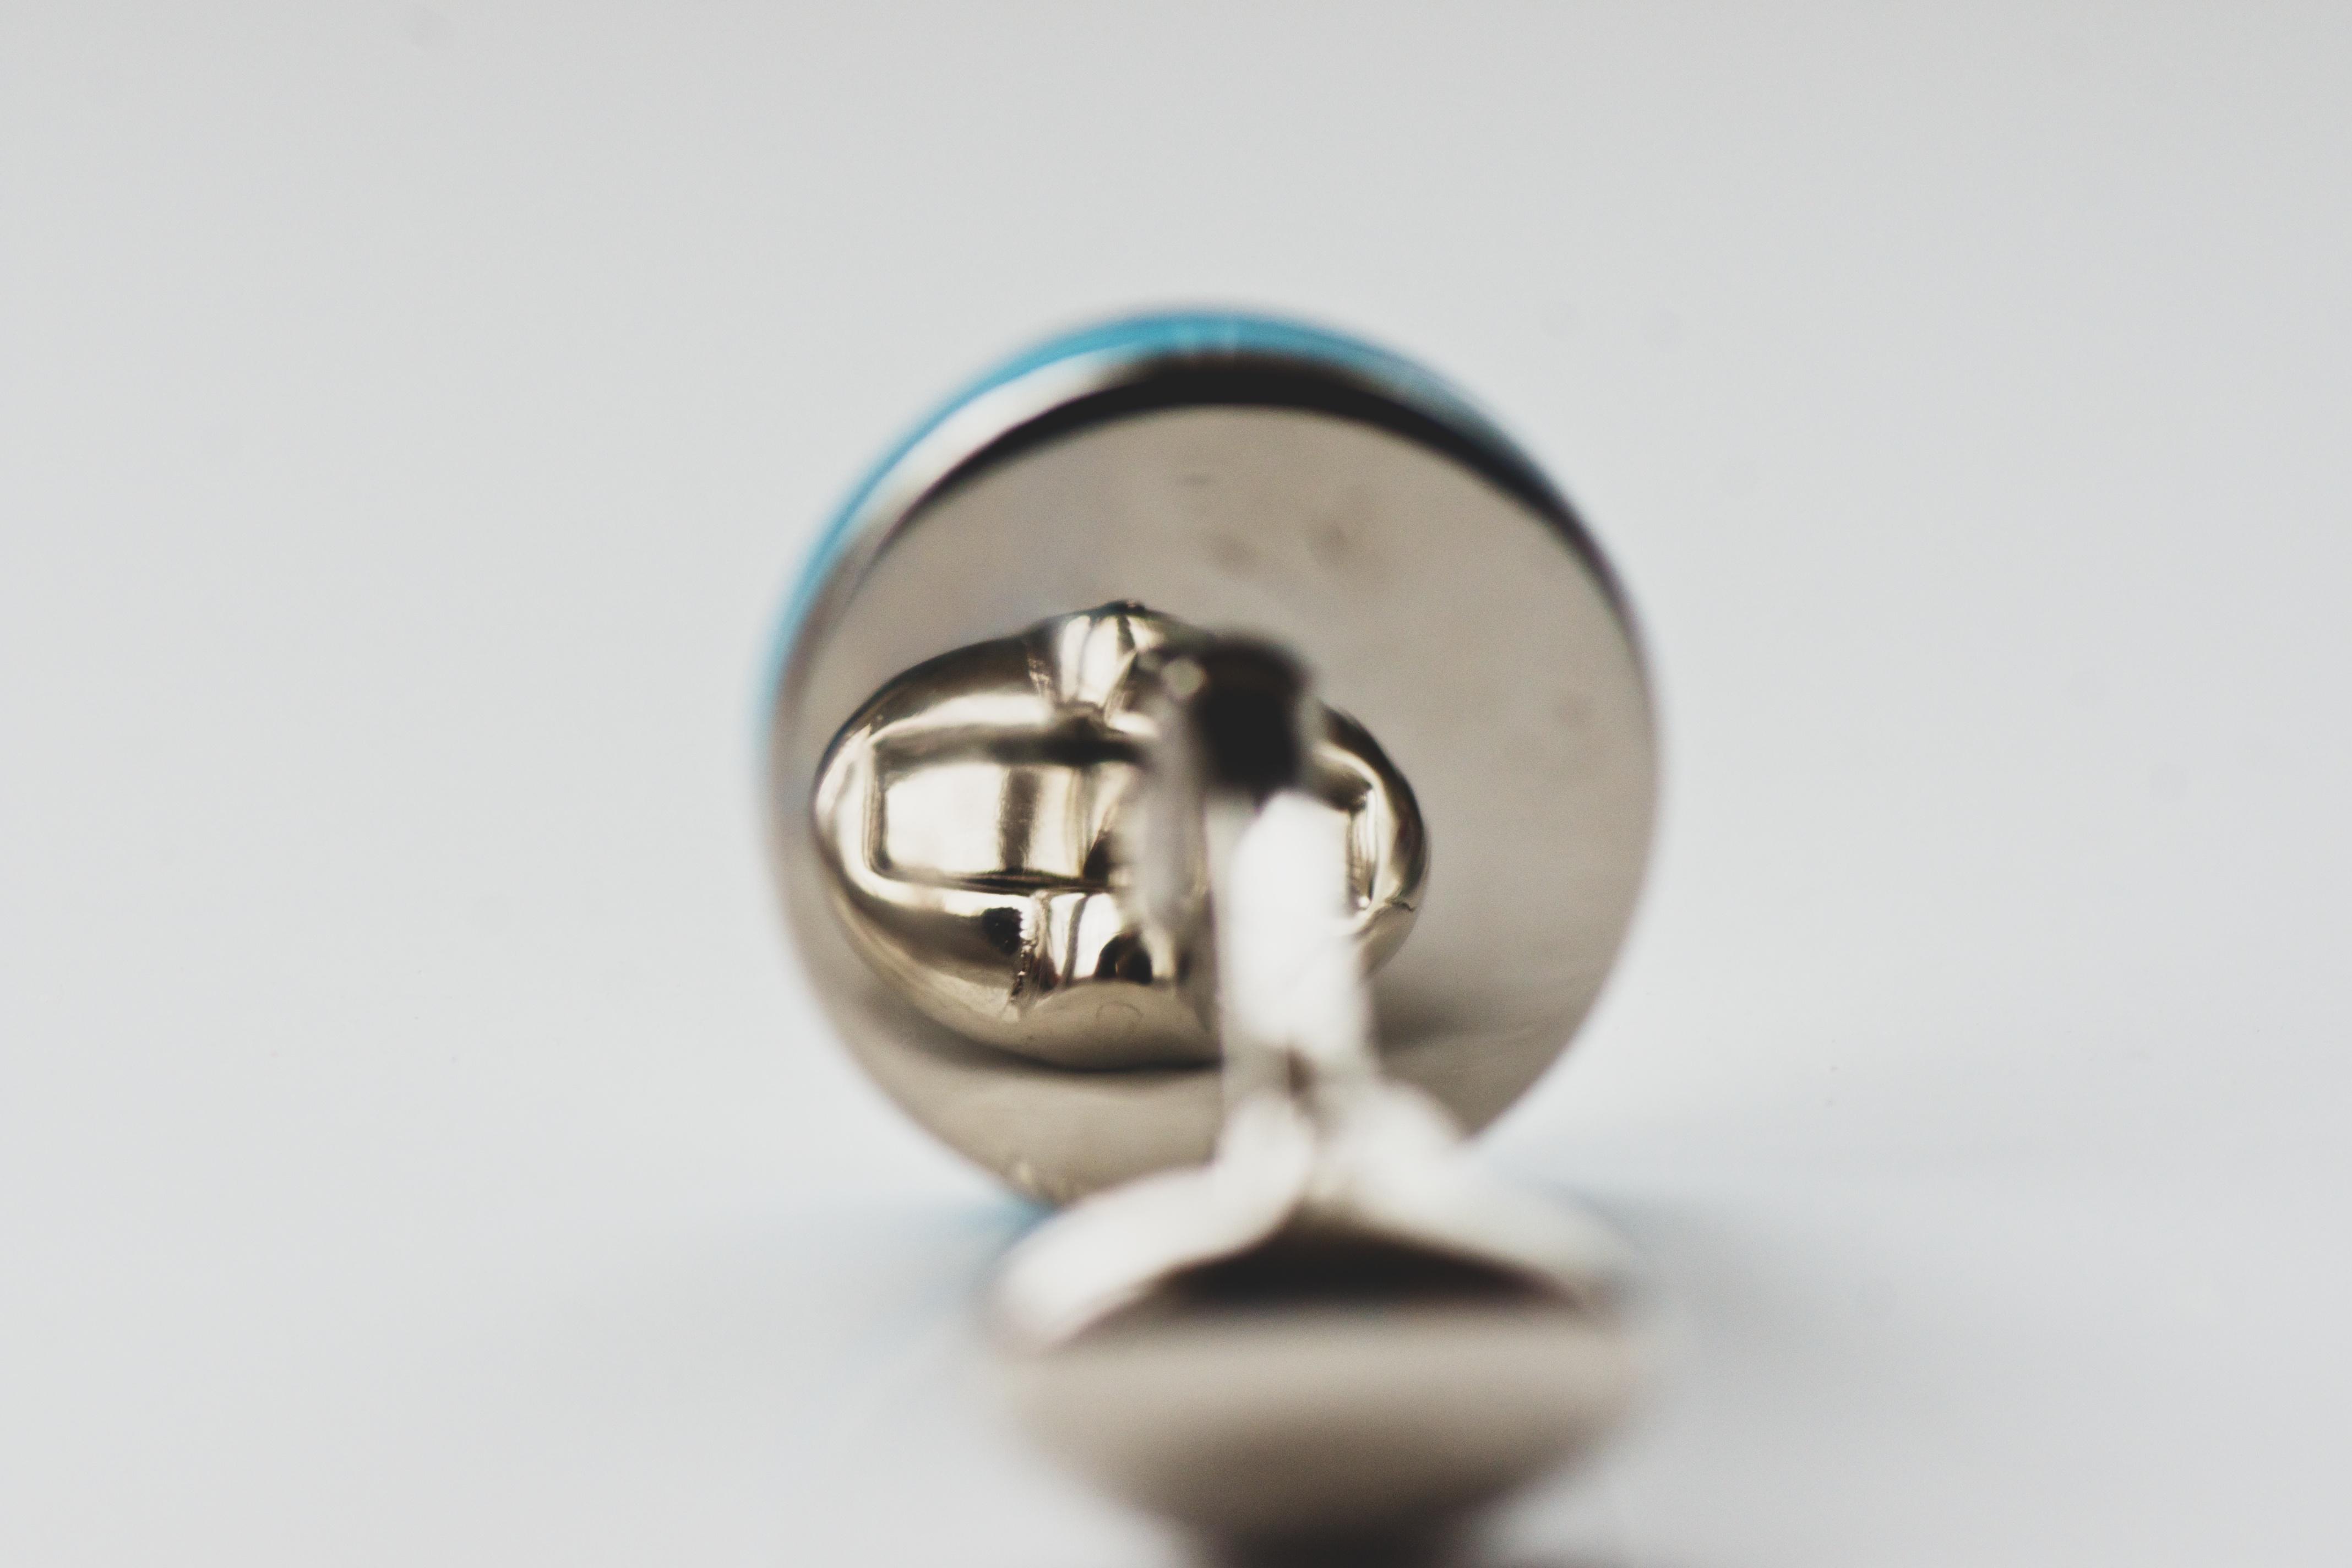 658b7bd0 ringe makro smykker stilllife sølv sony Tamron 90mm mandag hmm bakover  macromonday a700 mansjettknapper medaljong motetilbehør